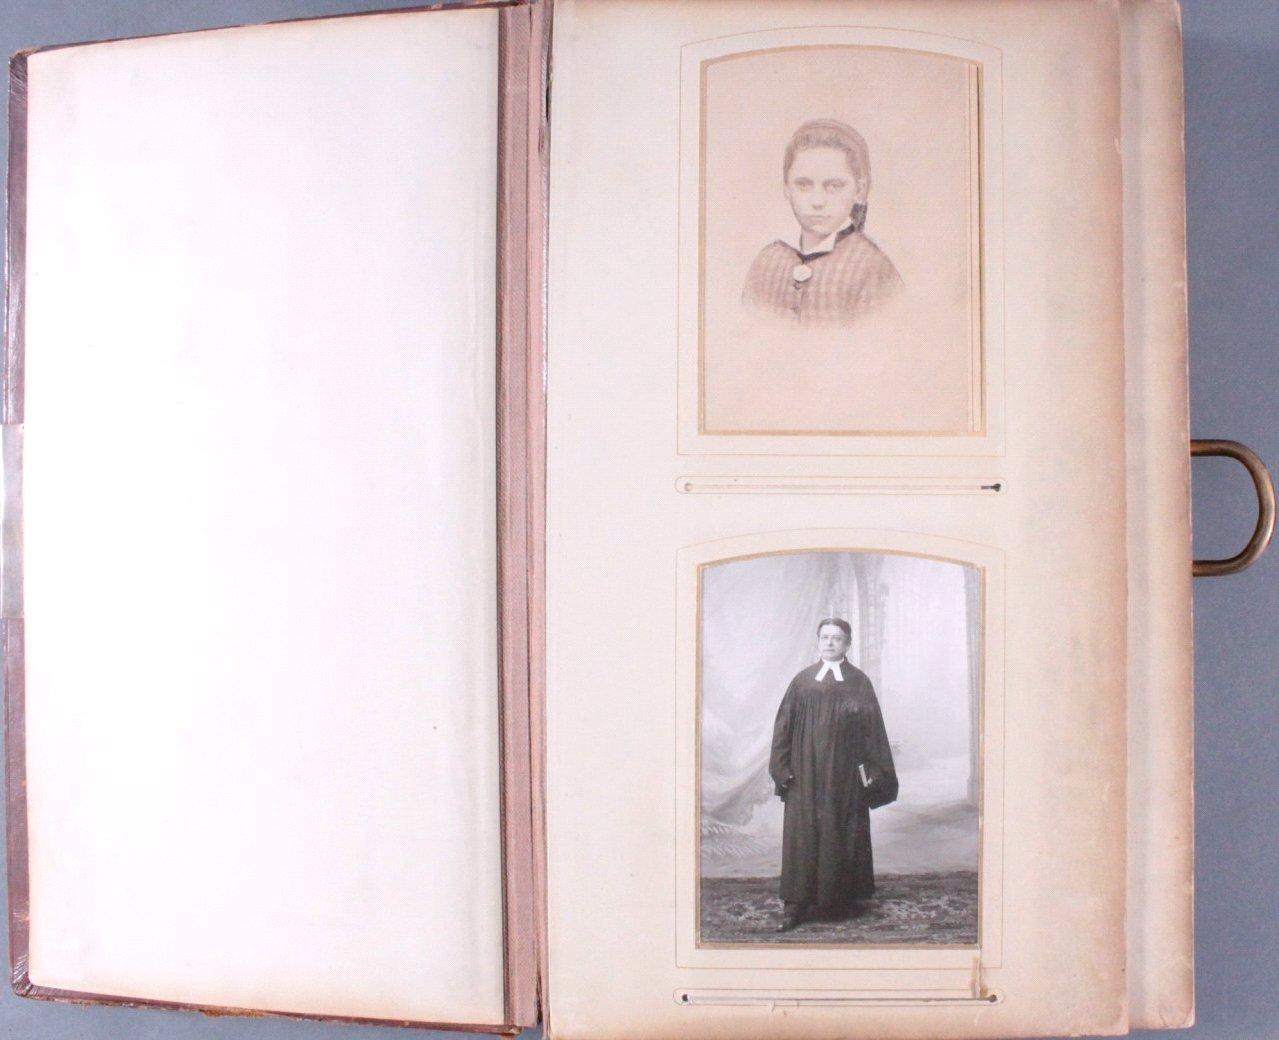 Einsteck-Fotoalbum um 1900-2